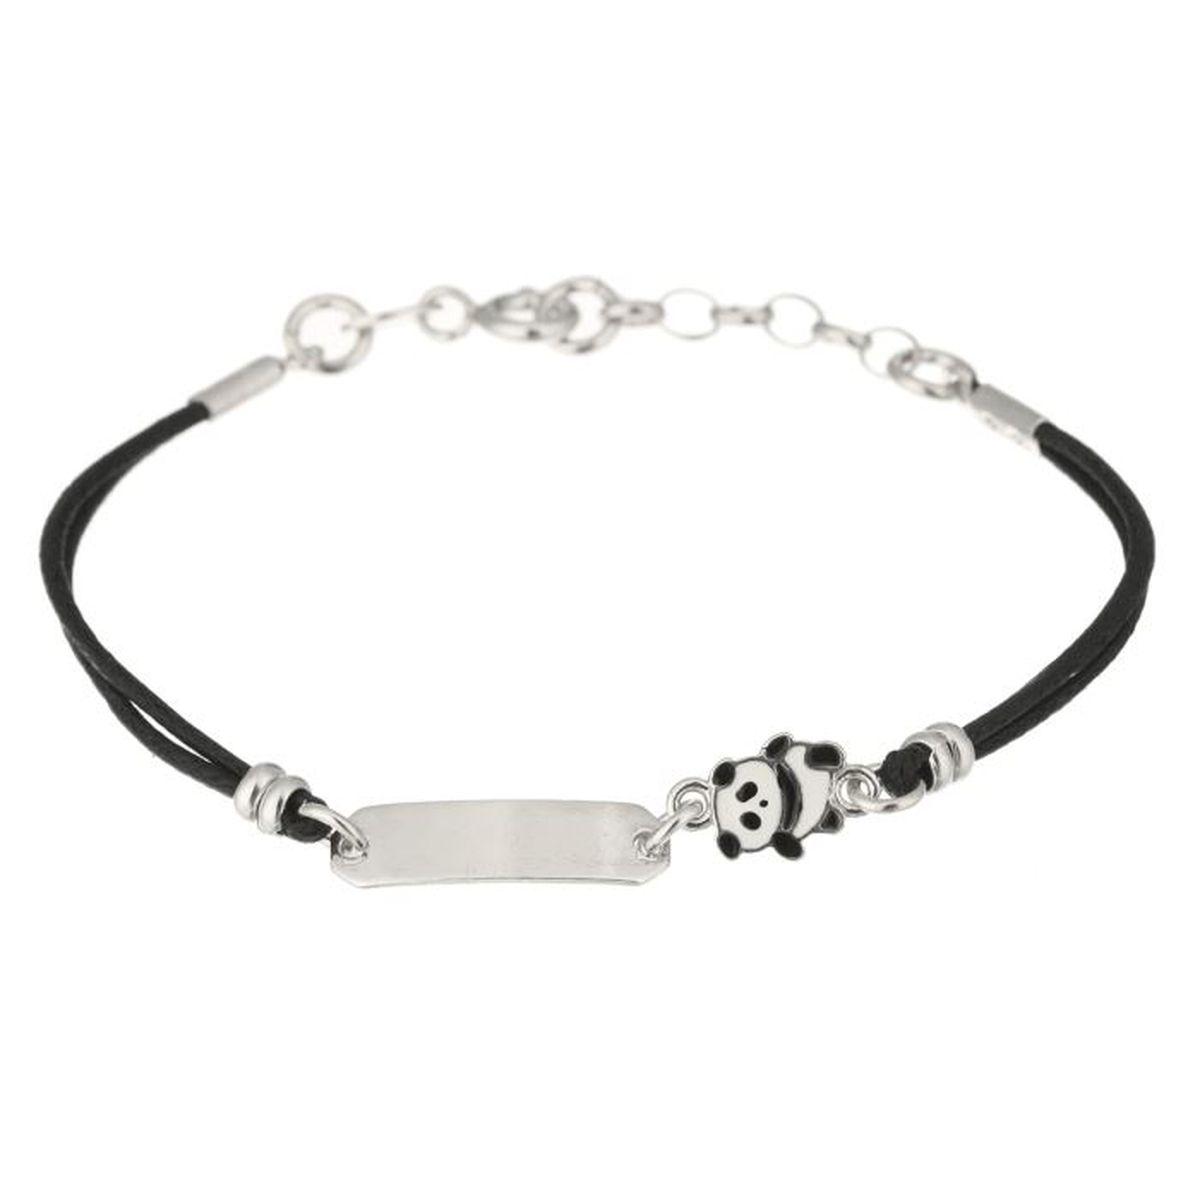 orphelia bracelet argent 925 fille enfant argent achat vente bracelet gourmette orphelia. Black Bedroom Furniture Sets. Home Design Ideas